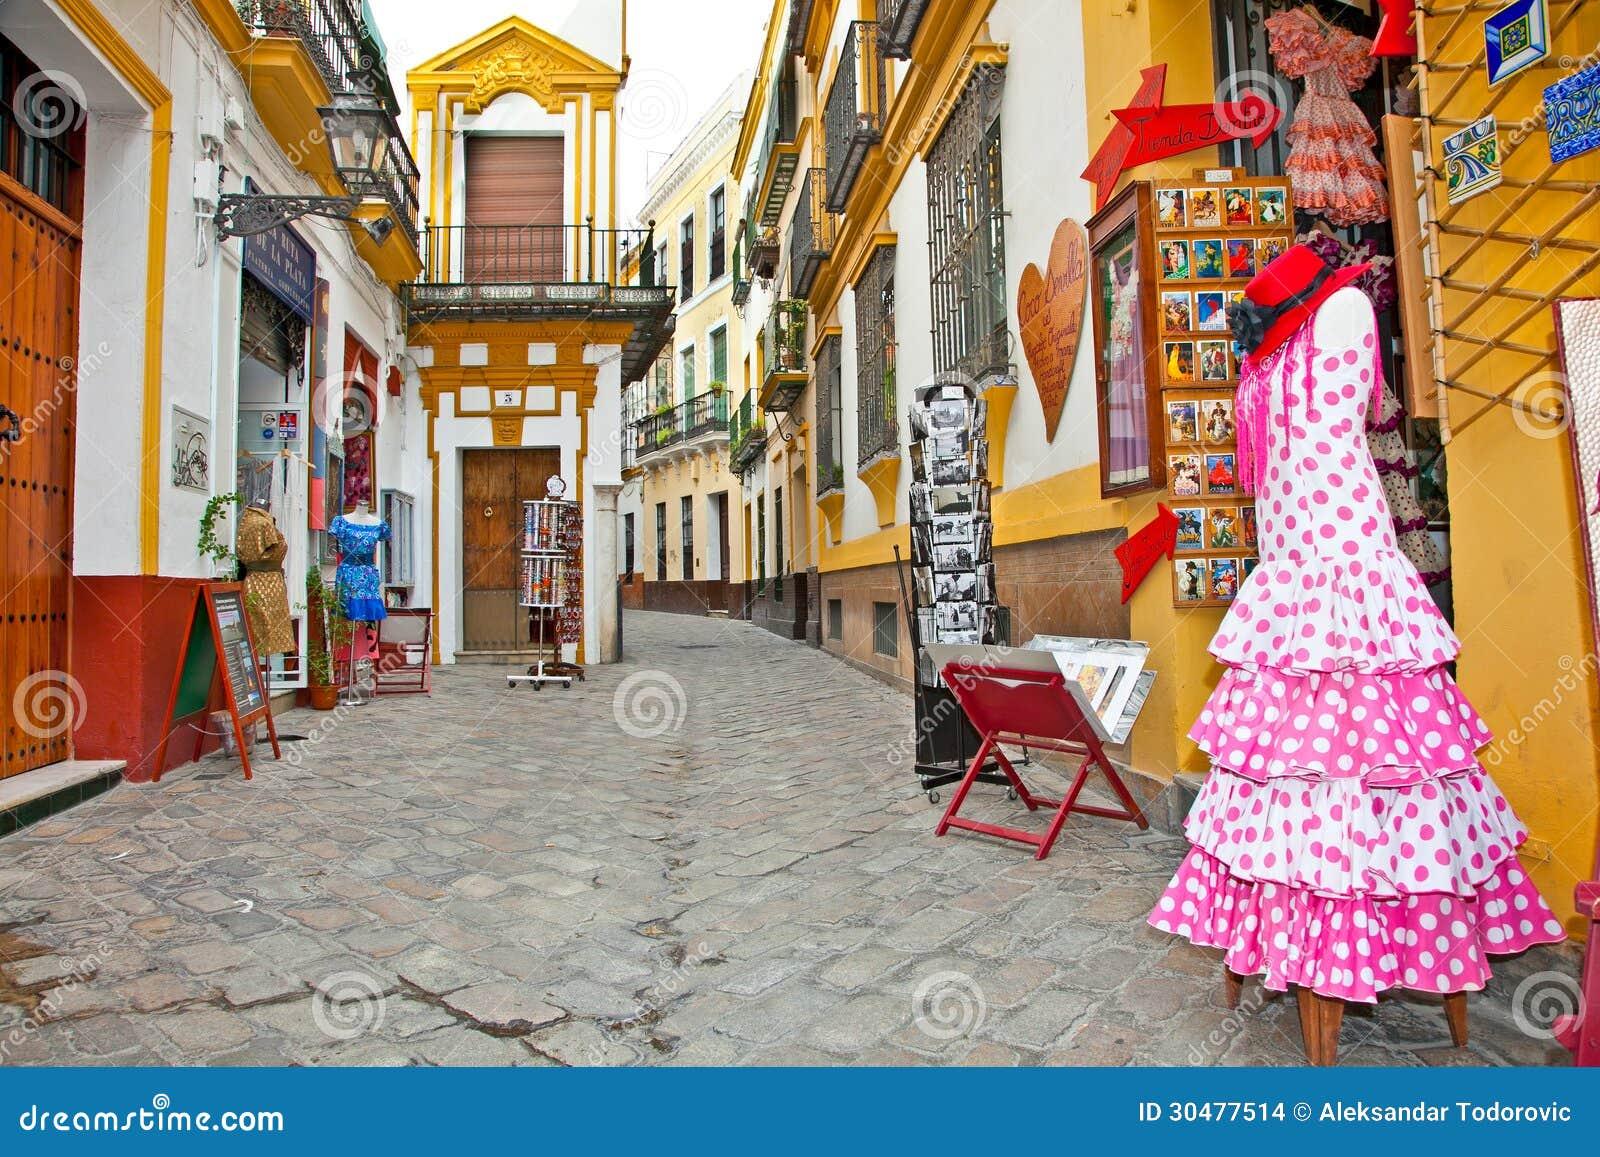 Einkaufsstraße mit typischem Flamencokleid in Sevilla, Spanien.